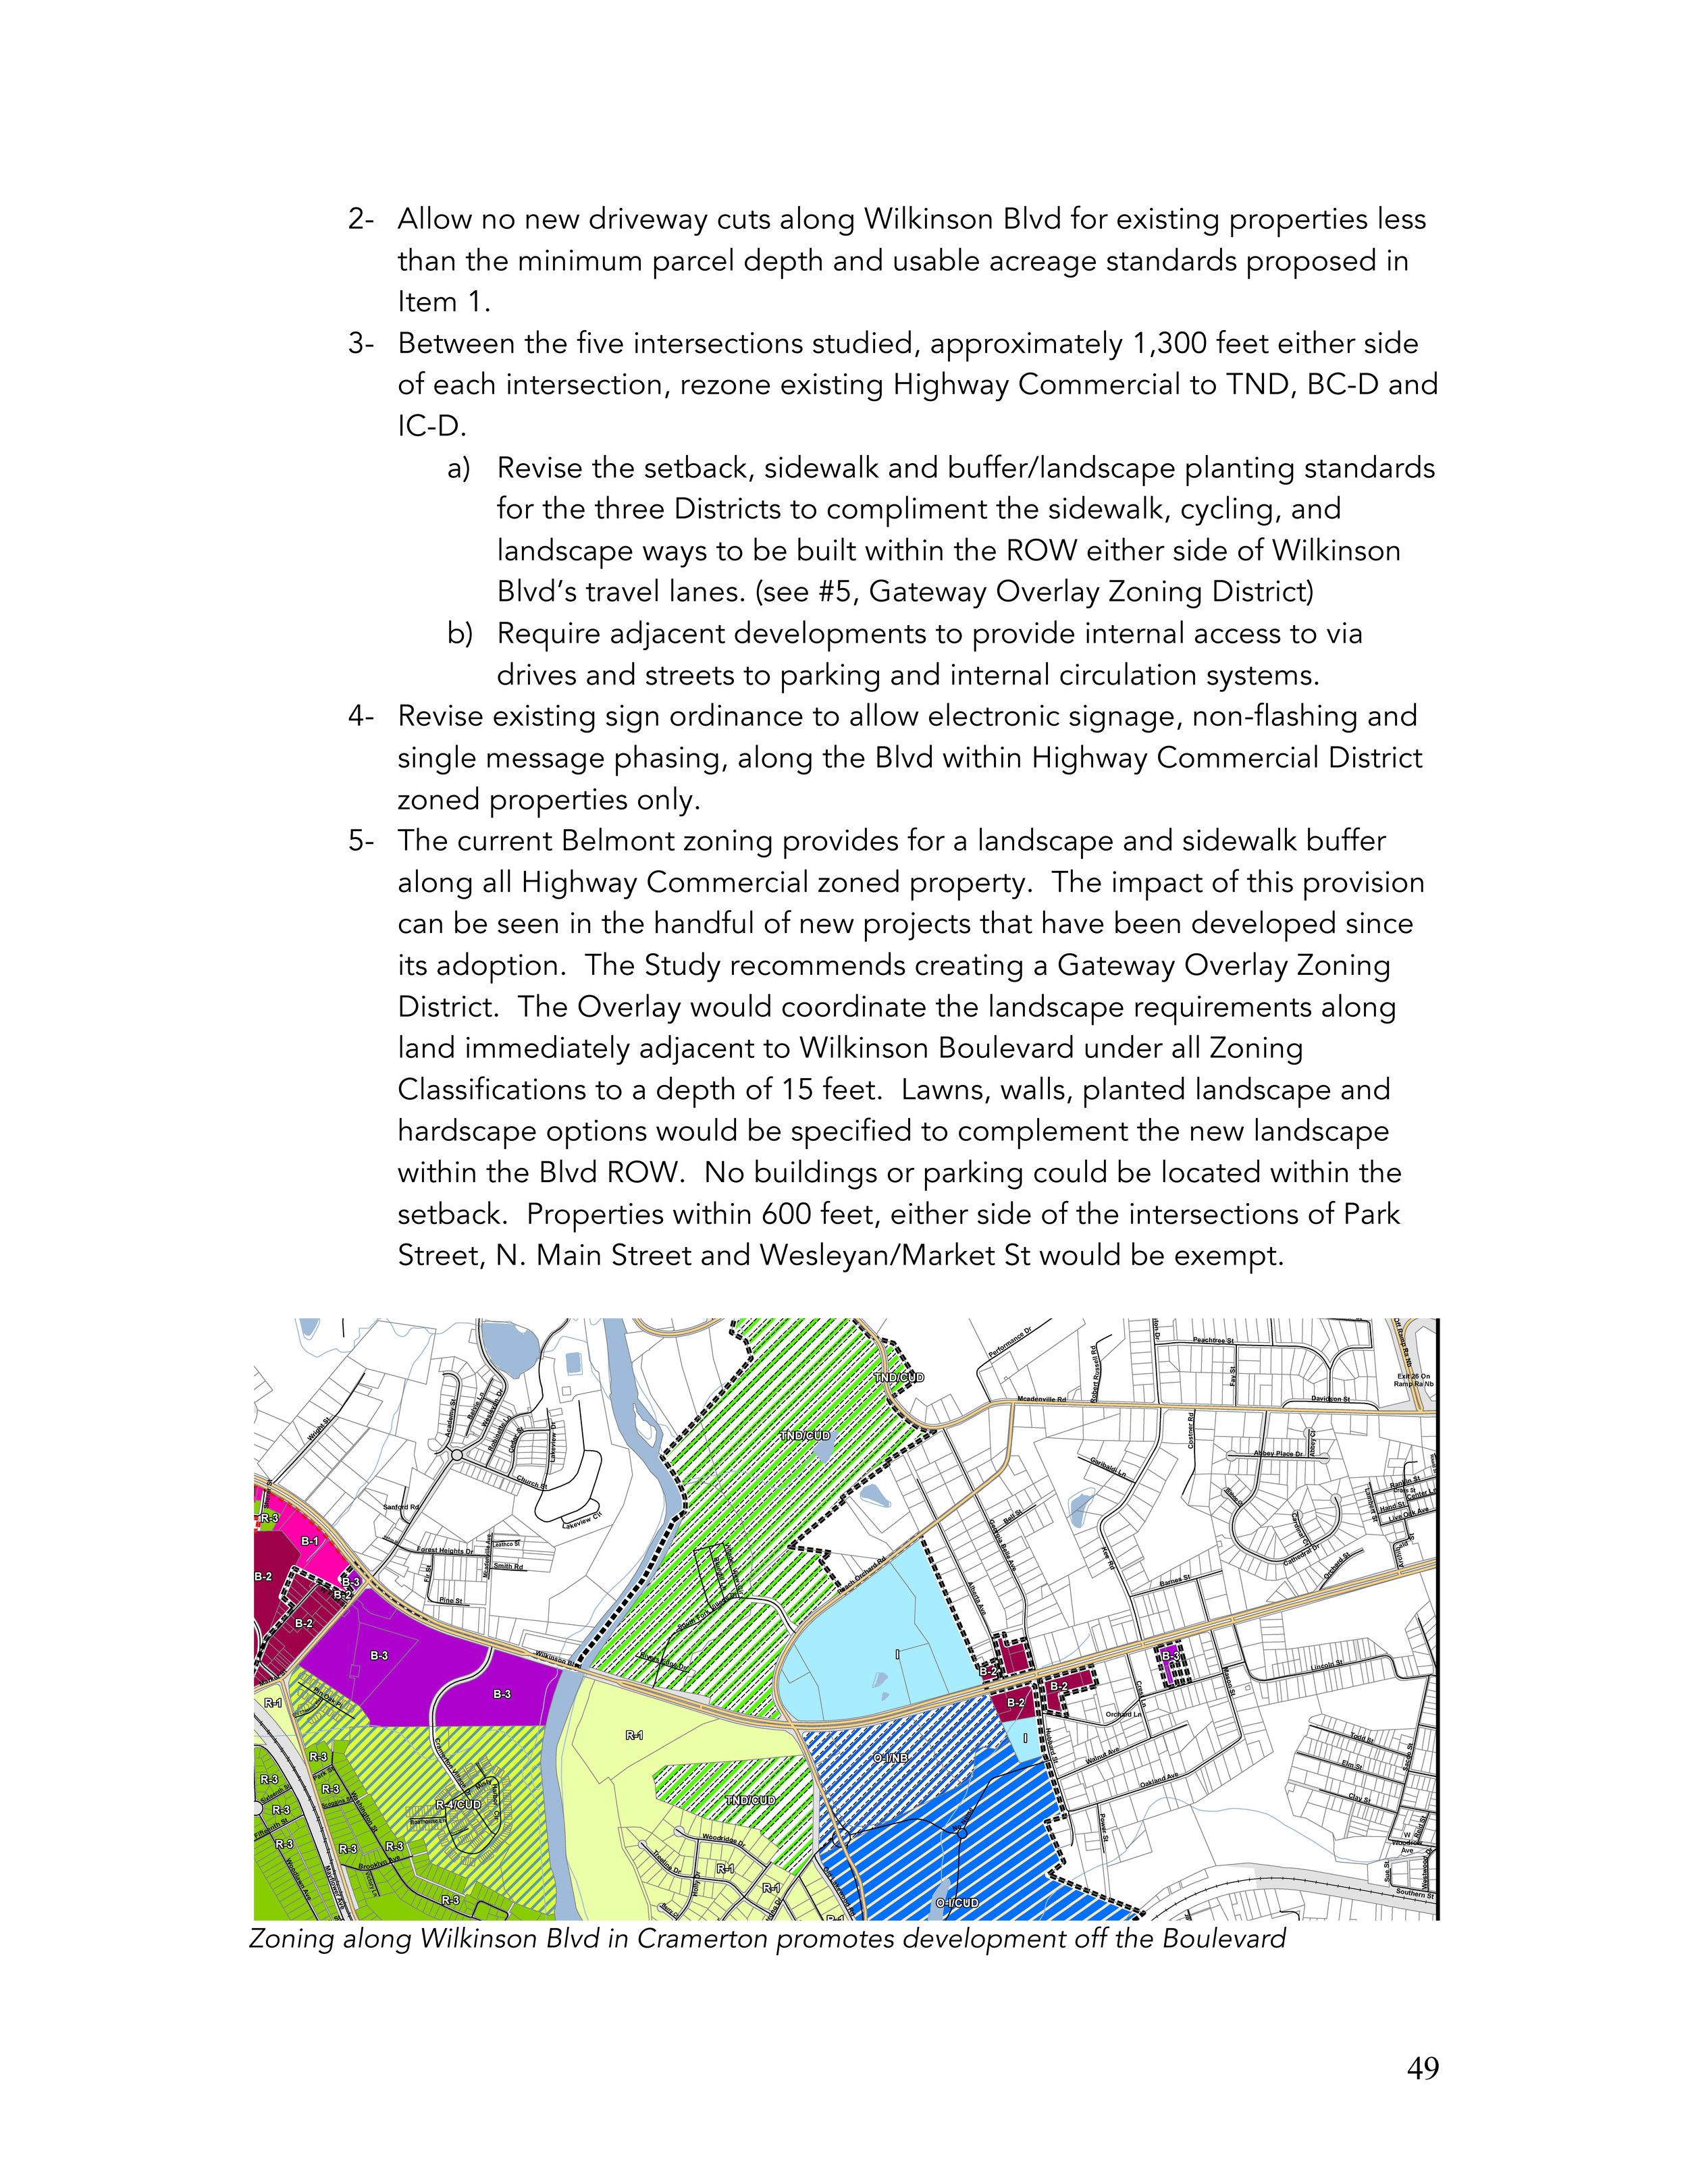 1 WilkinsonBlvd Draft Report 1-22-15 RH_Peter Edit_Page_49.jpg